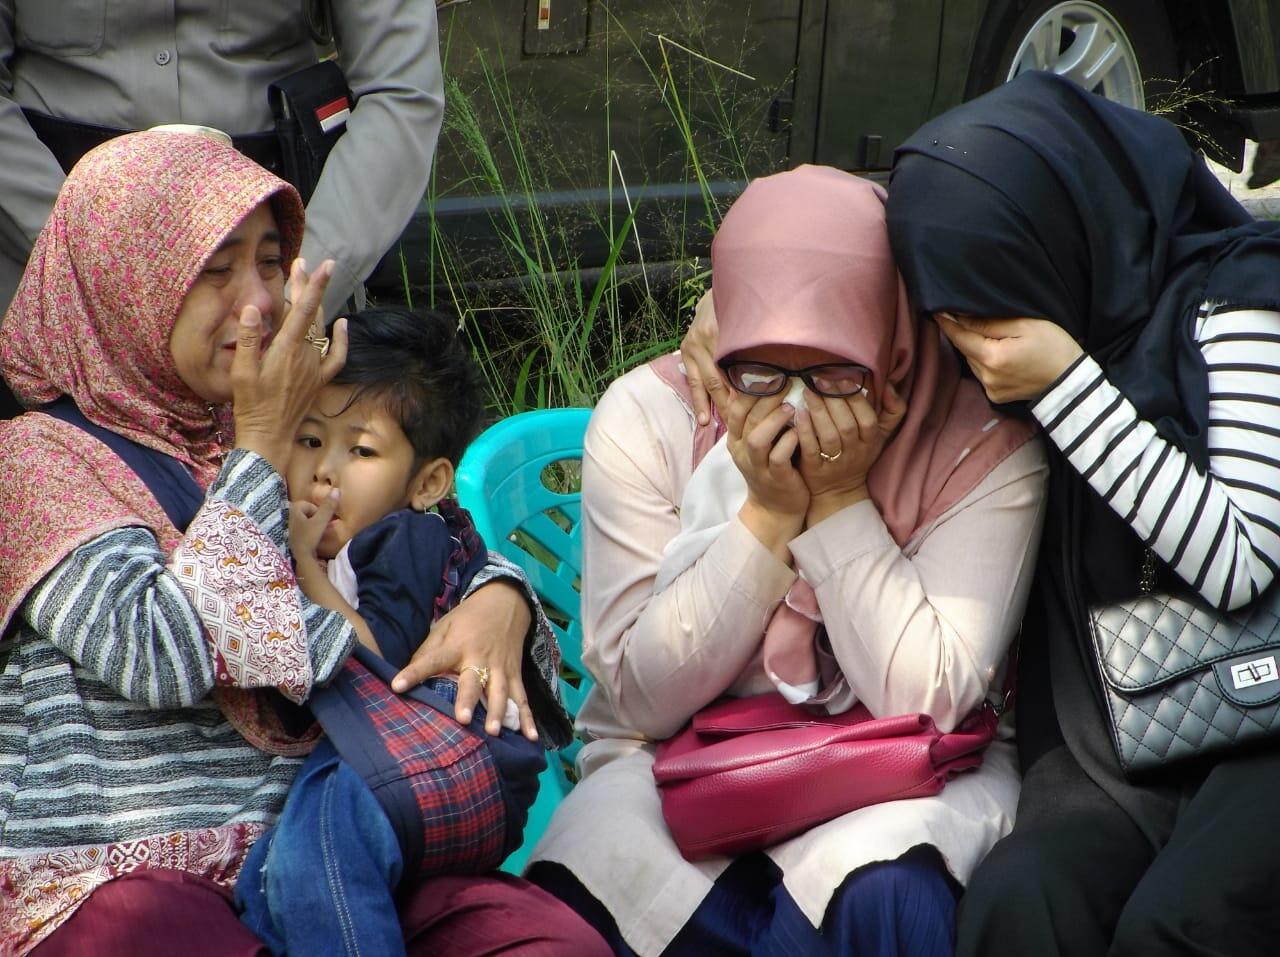 Saksikan Reka Adegan Pembunuhan Mahasiswi IPB, Keluarga Minta Pelaku Dihukum Mati